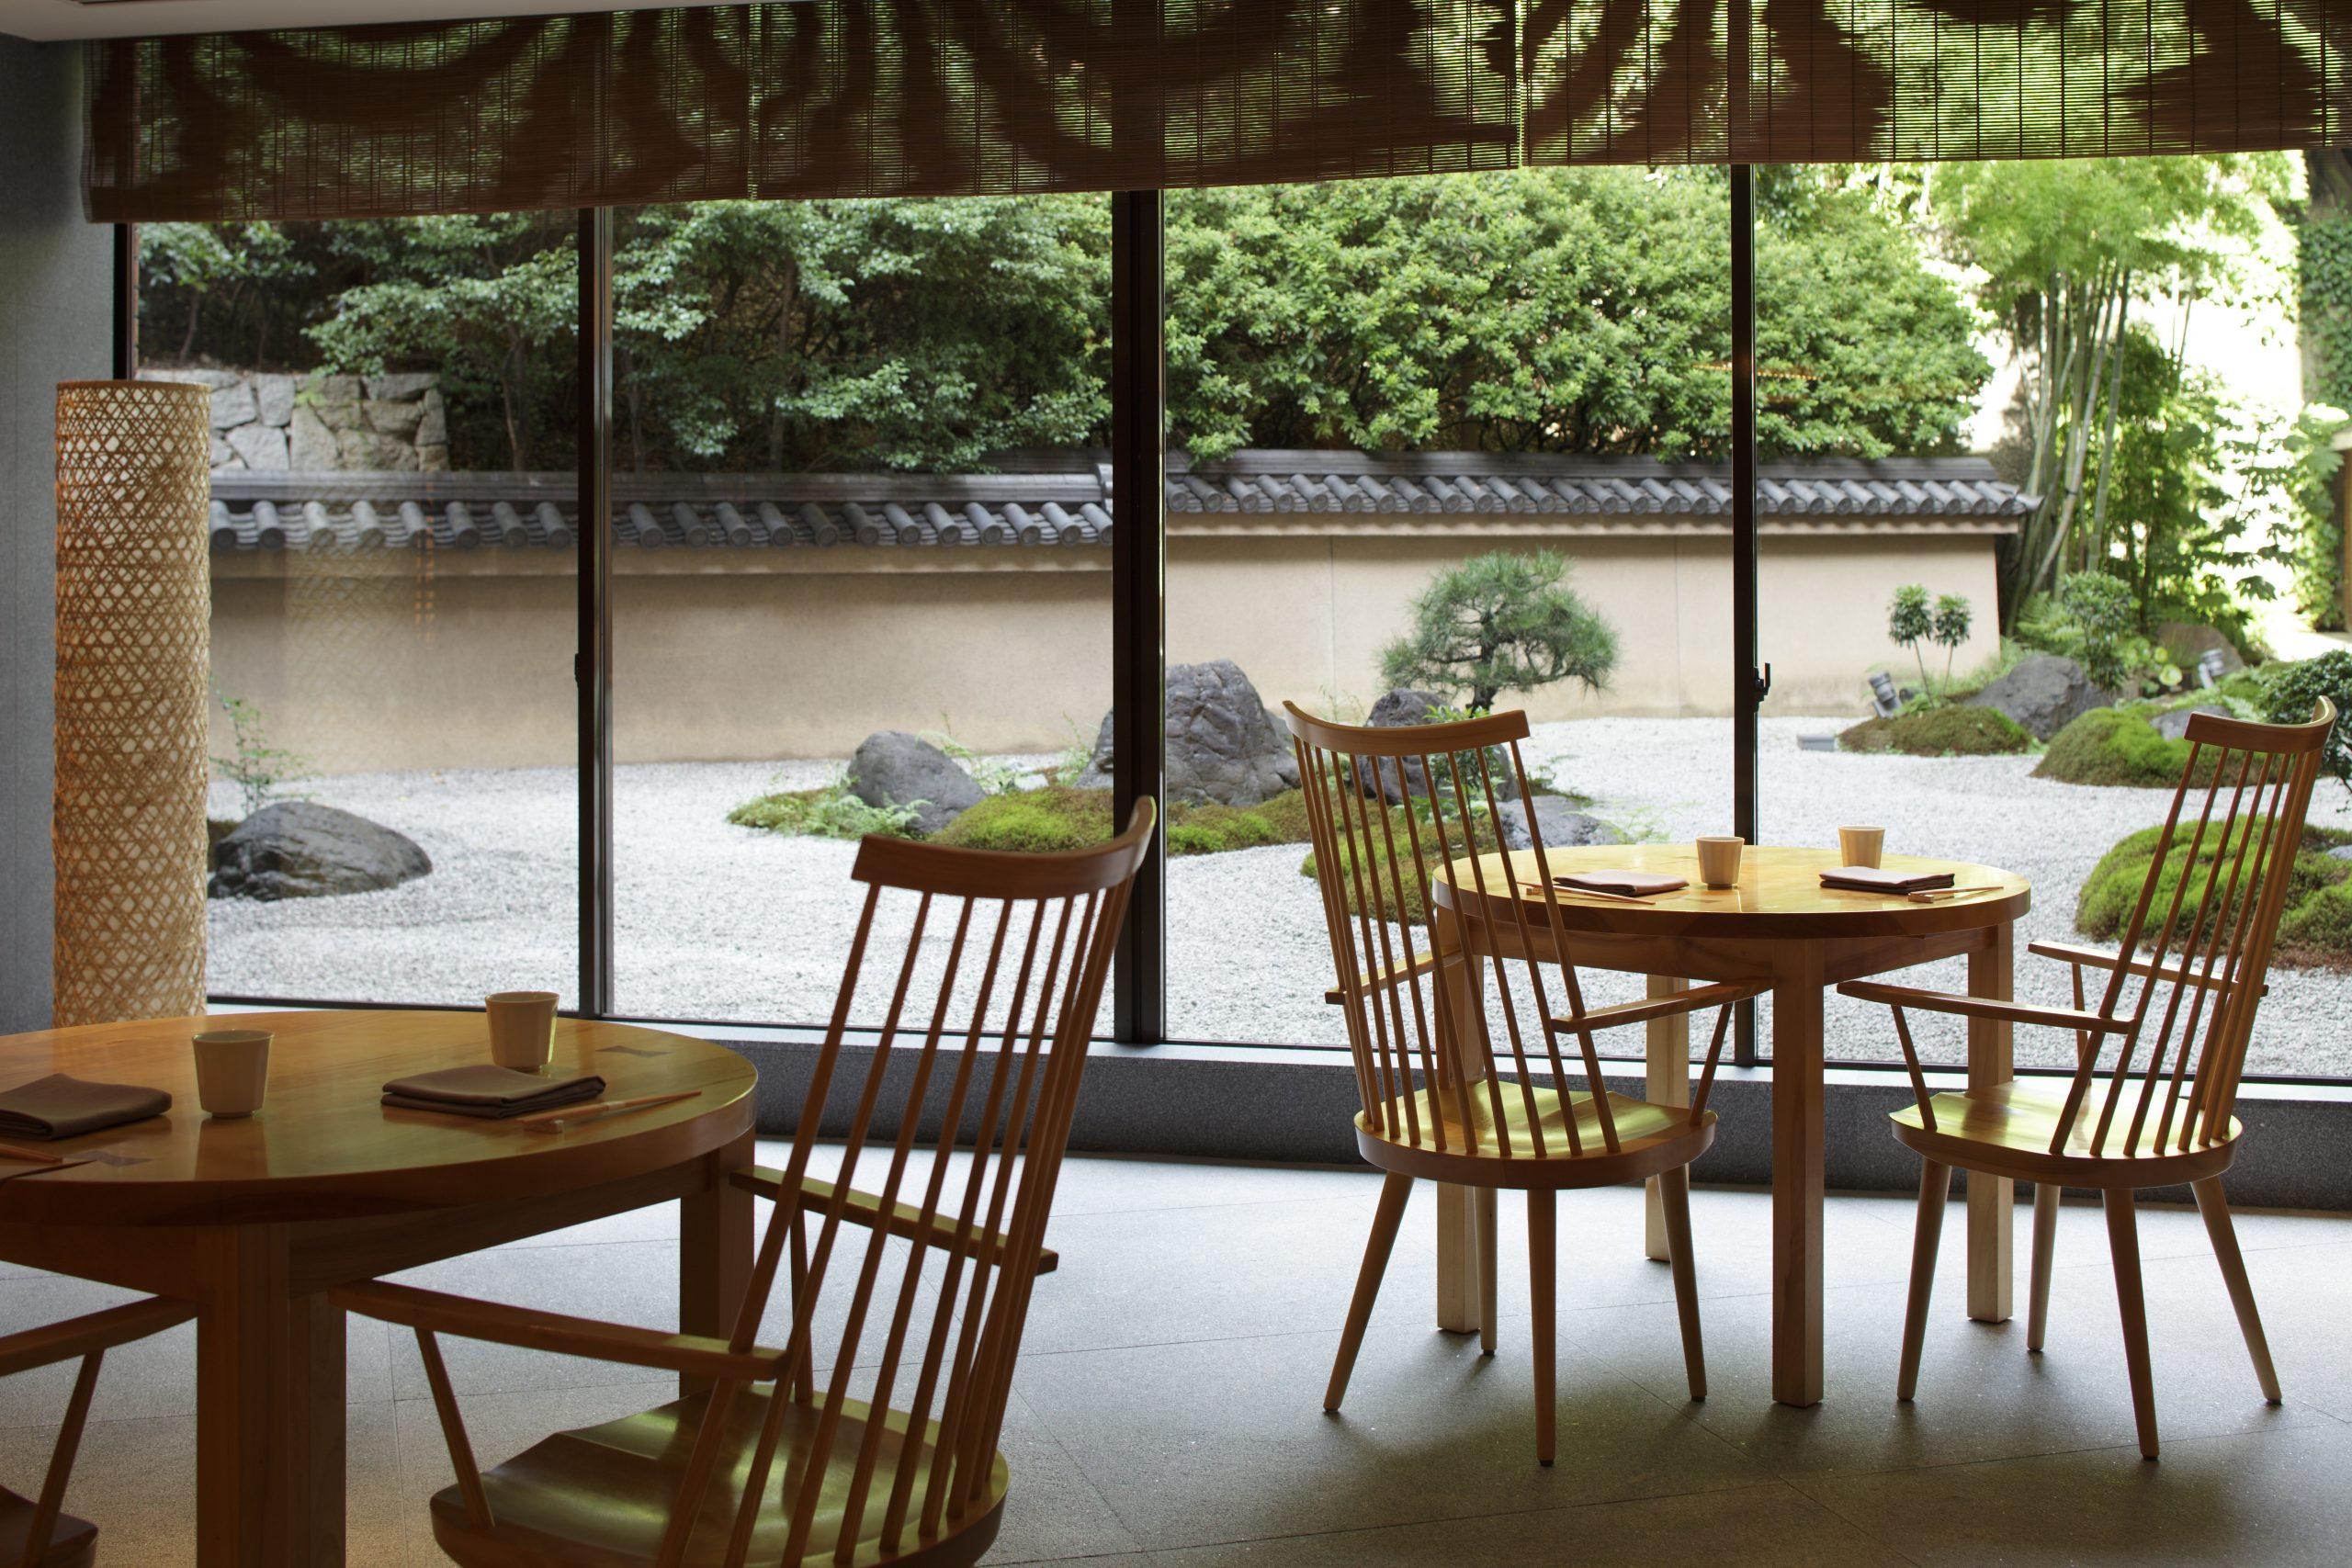 四季折々の旬を味わうコース料理、寿司を種類豊富な地酒や銘酒とともにお楽しみいただける『東山(Touzan)』